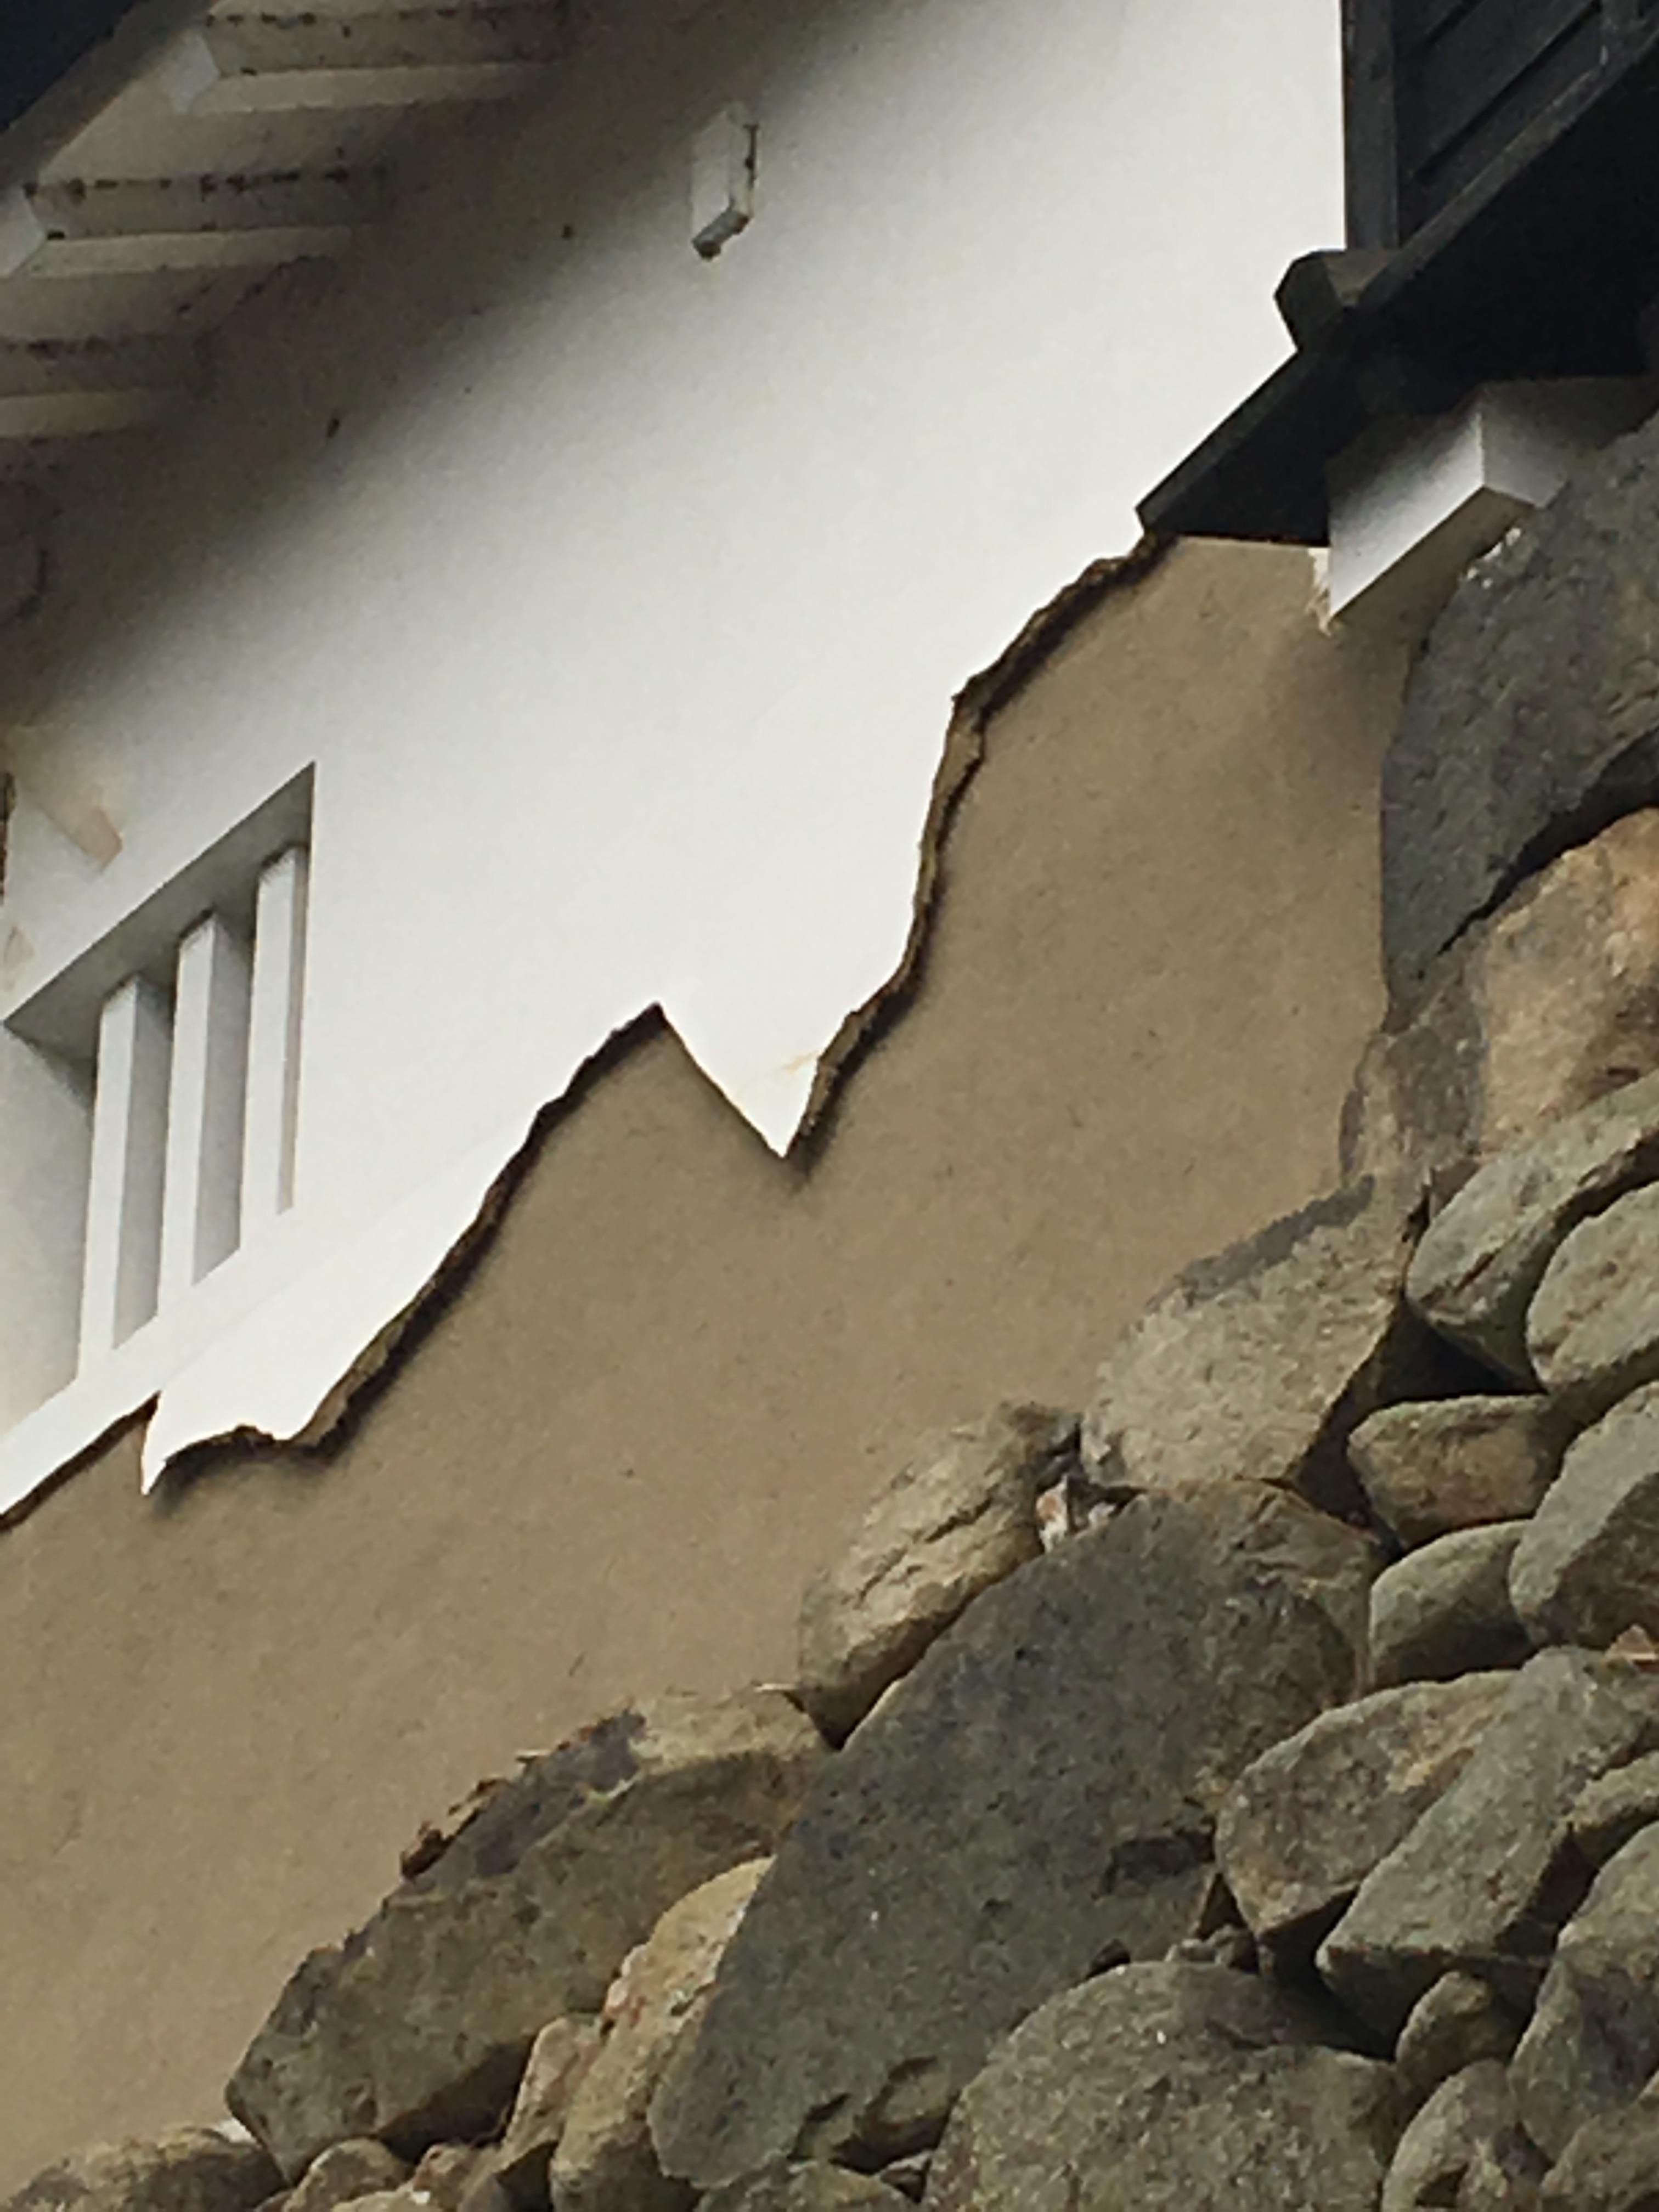 滋賀県にある国宝彦根城の漆喰壁を見てきた。